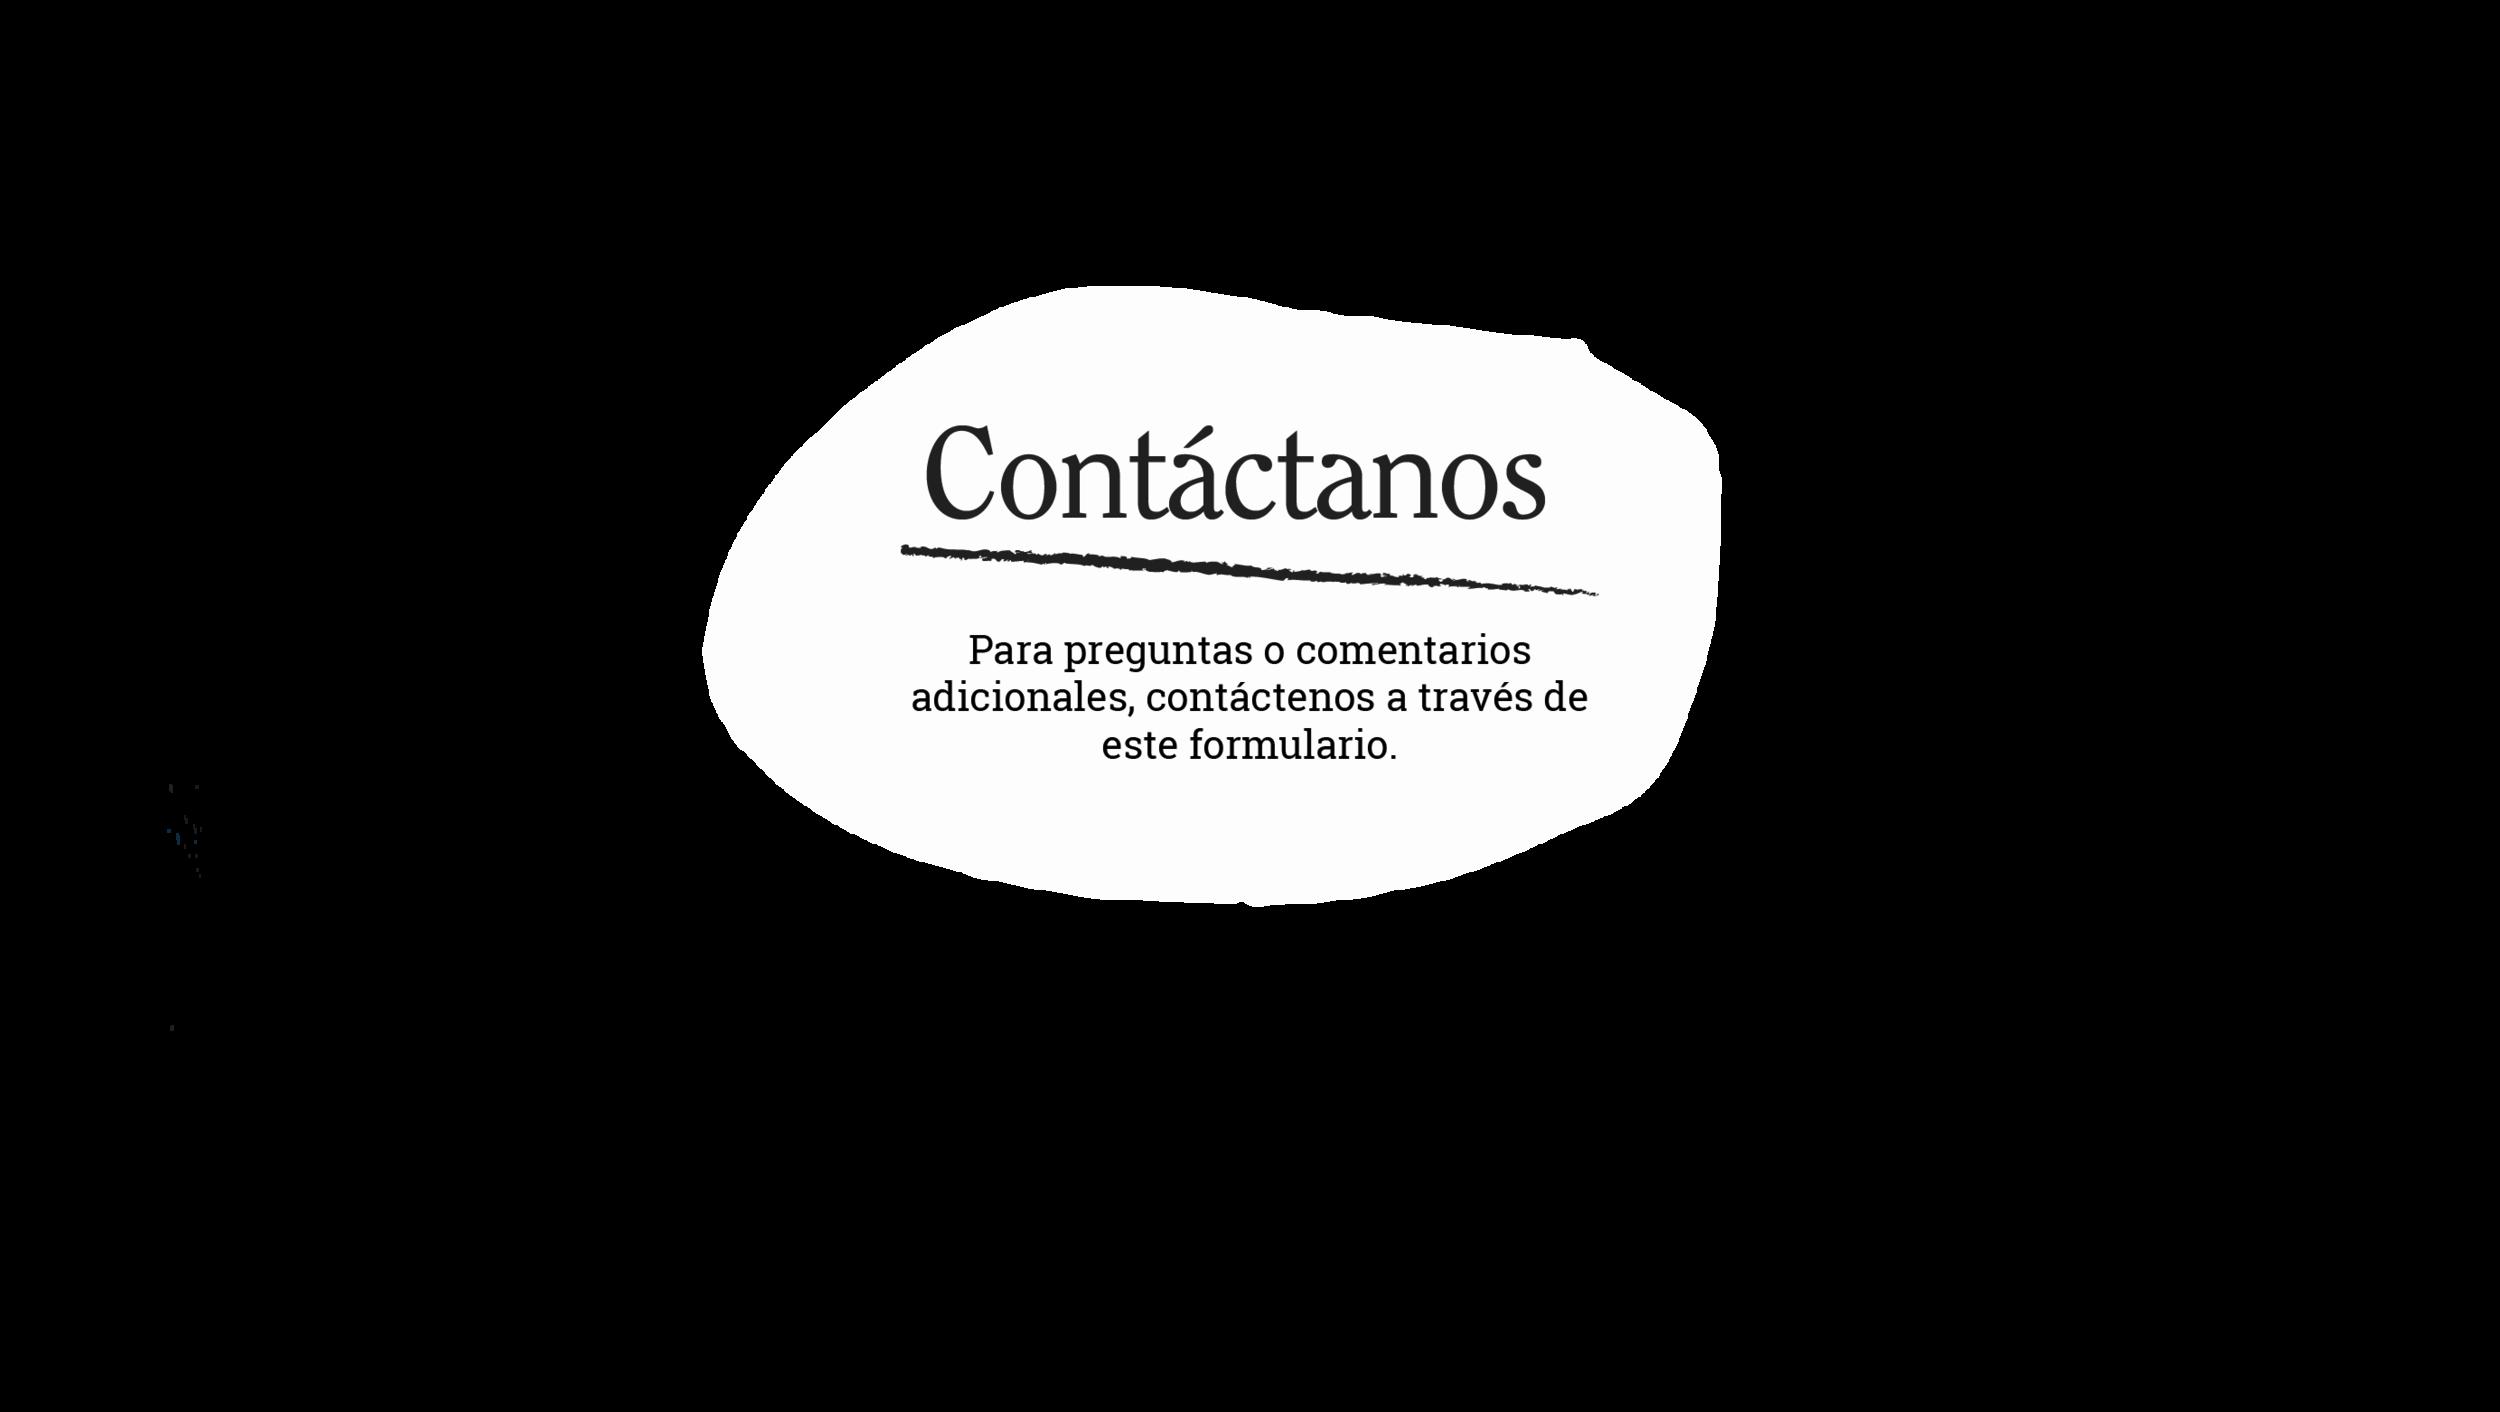 Contactanos-12.png